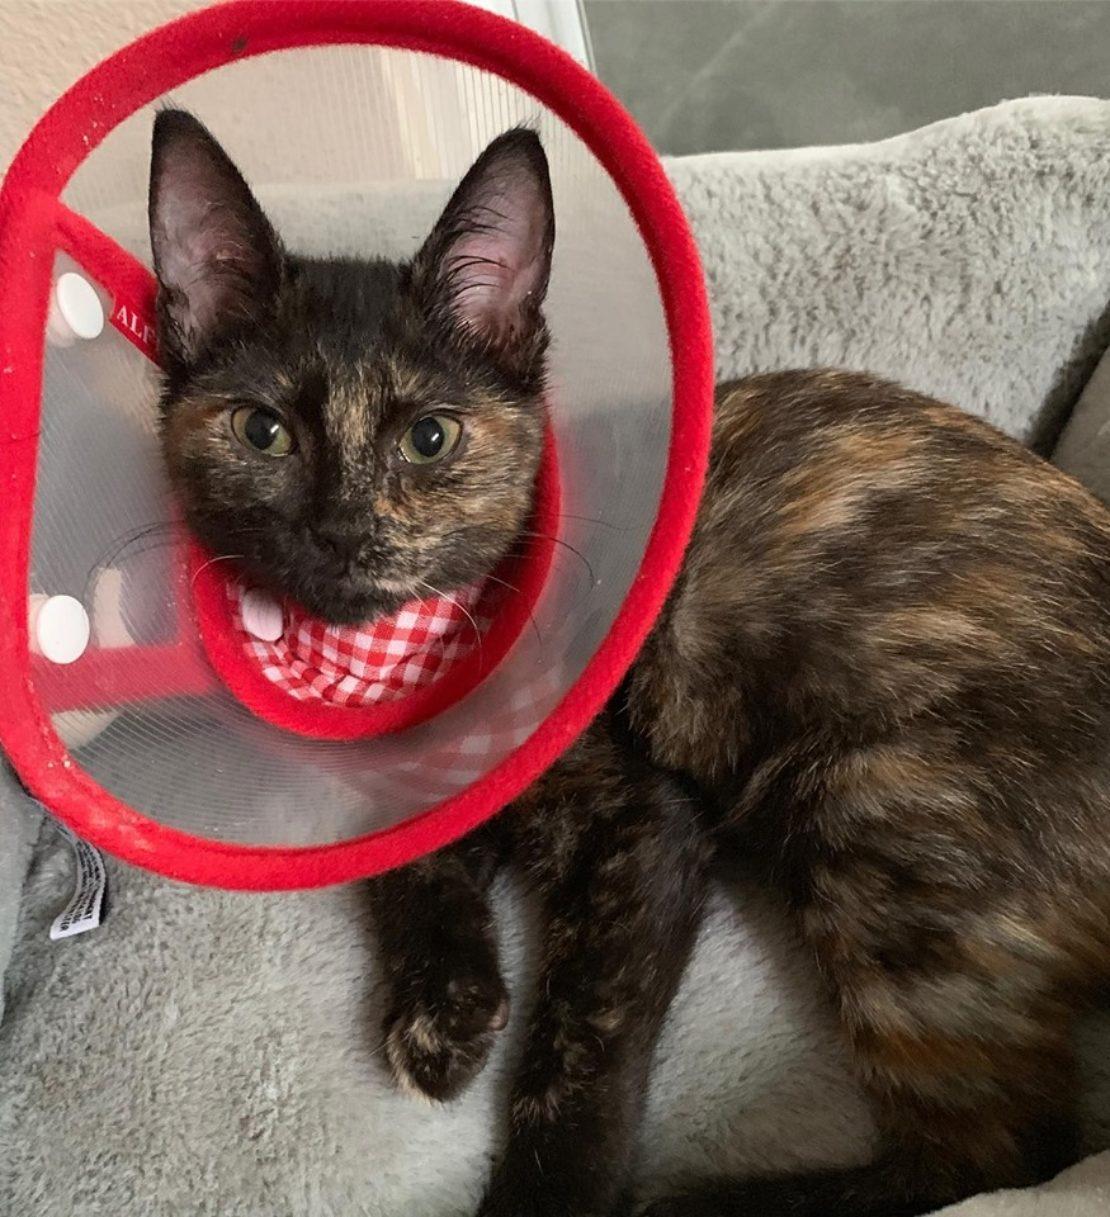 tortie kitten wearing a red-rimmed fancy cone